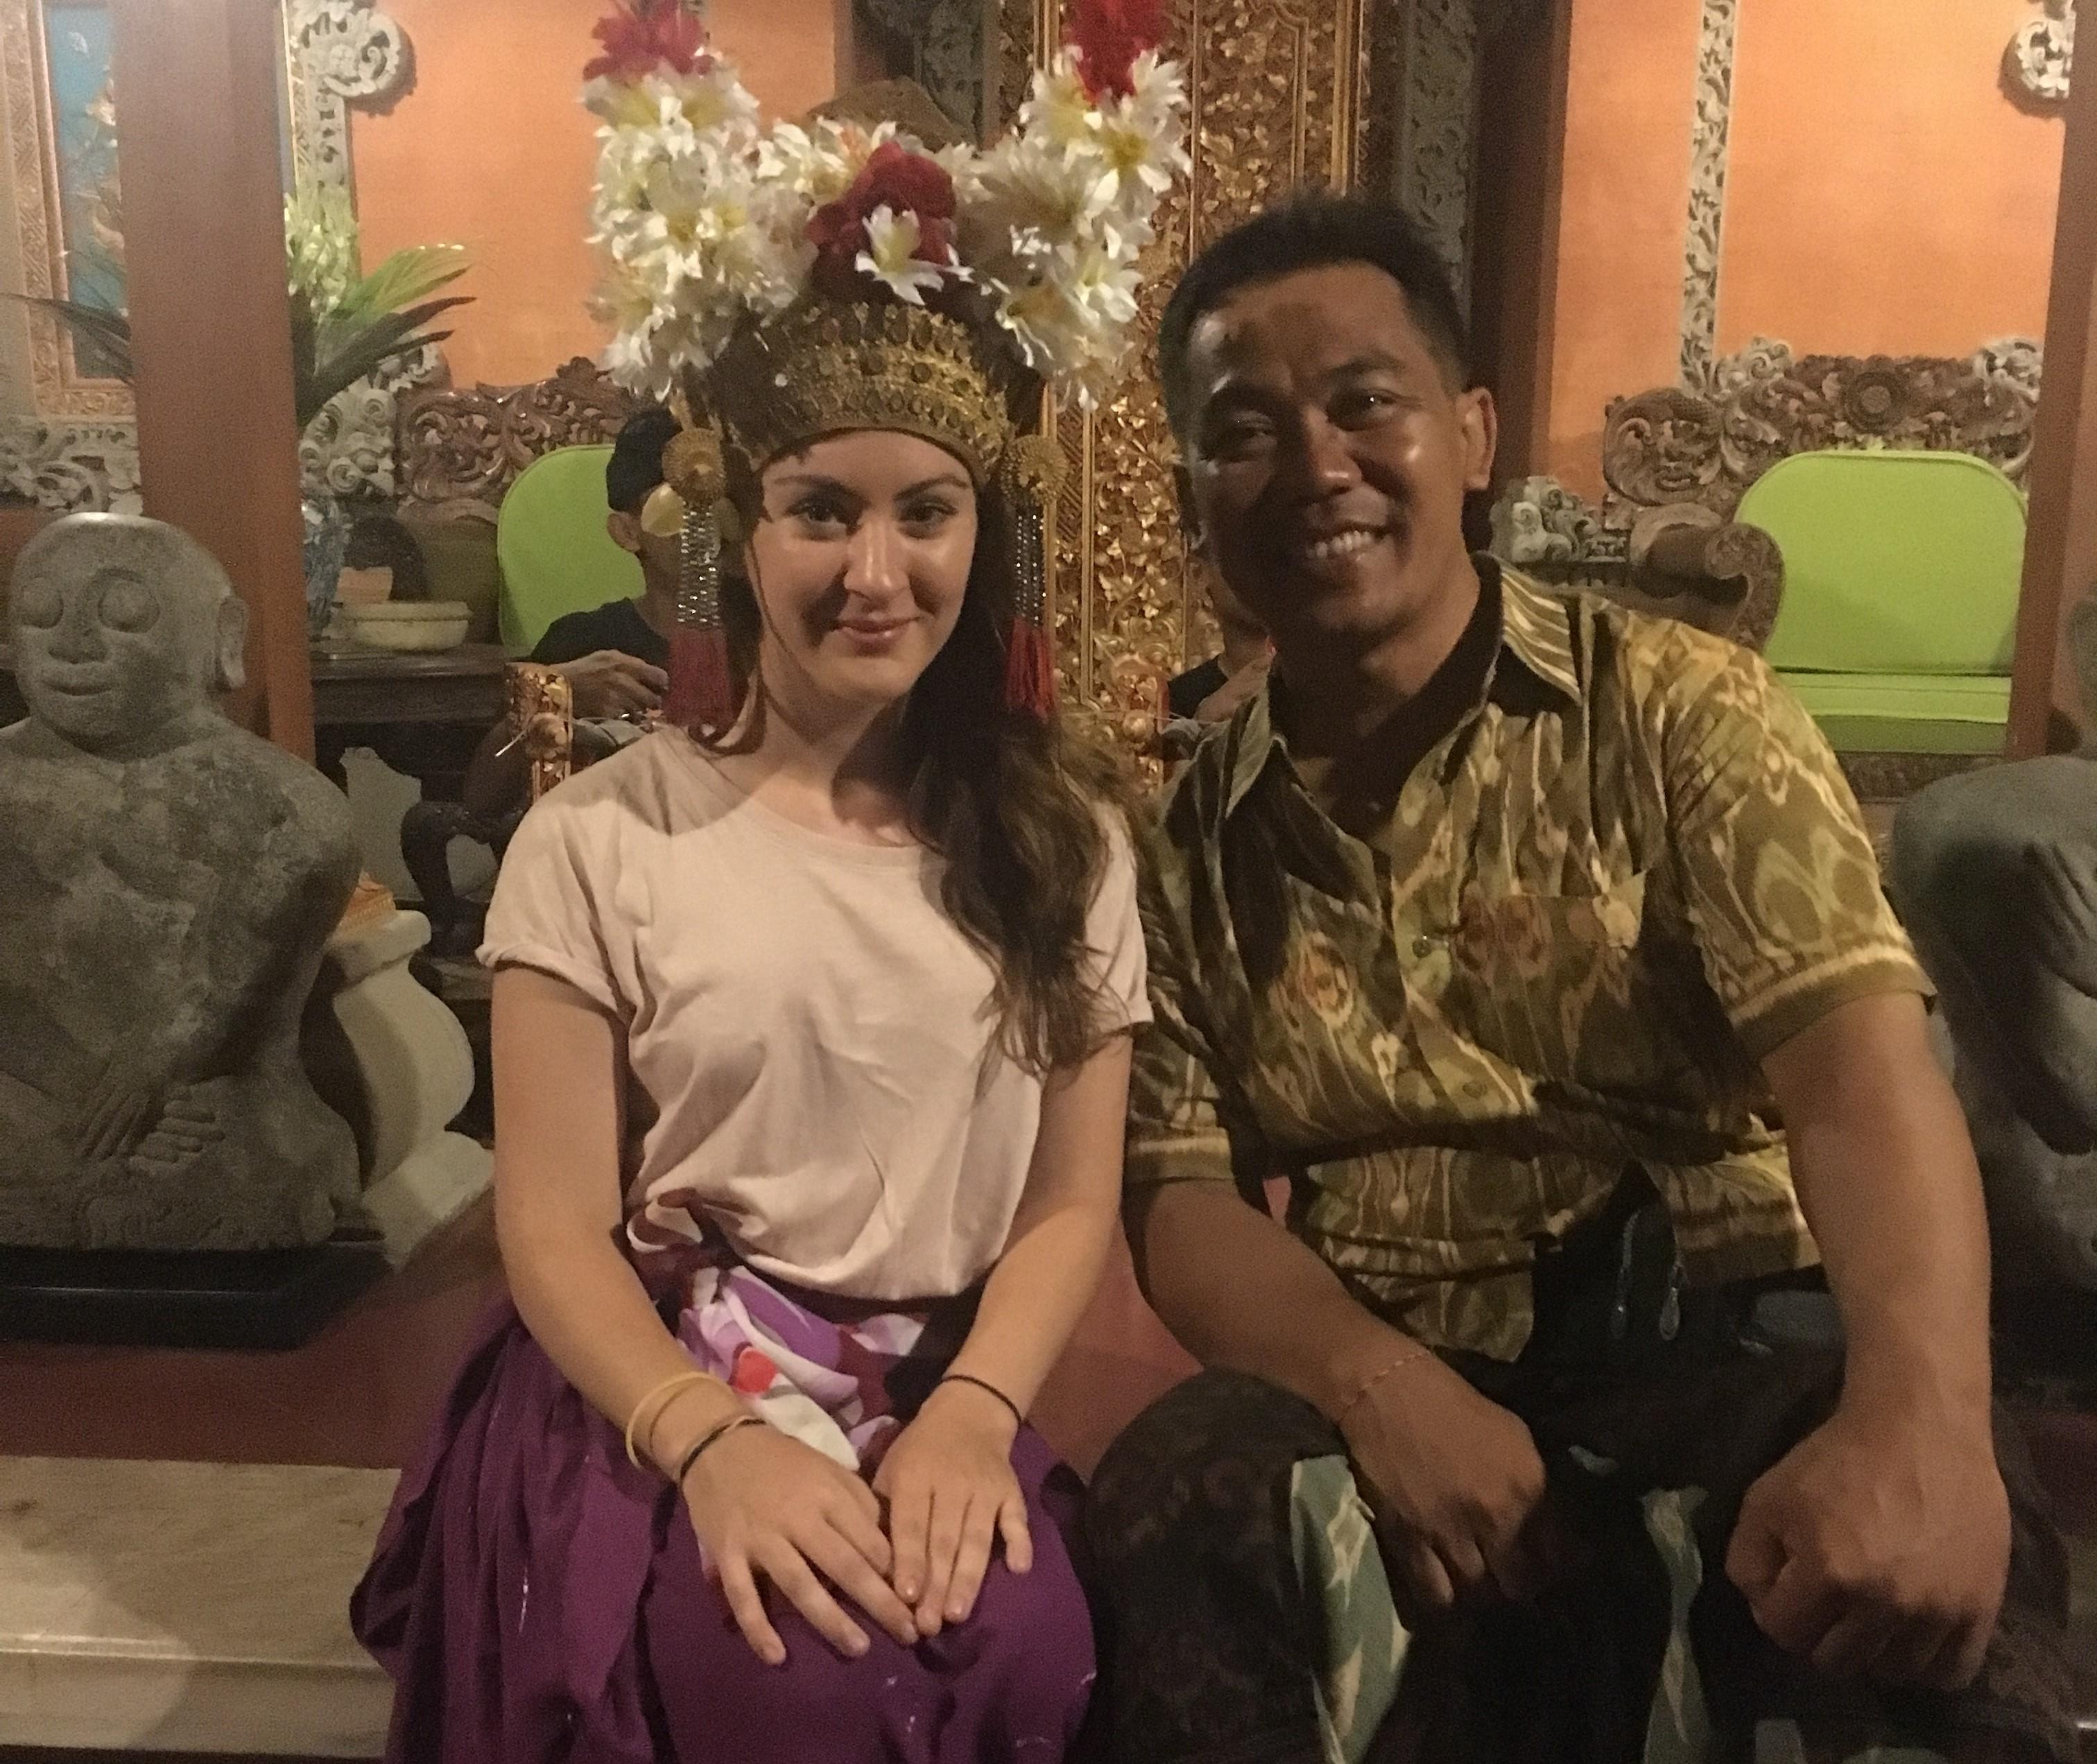 Gemma Myles on her travels in Bali